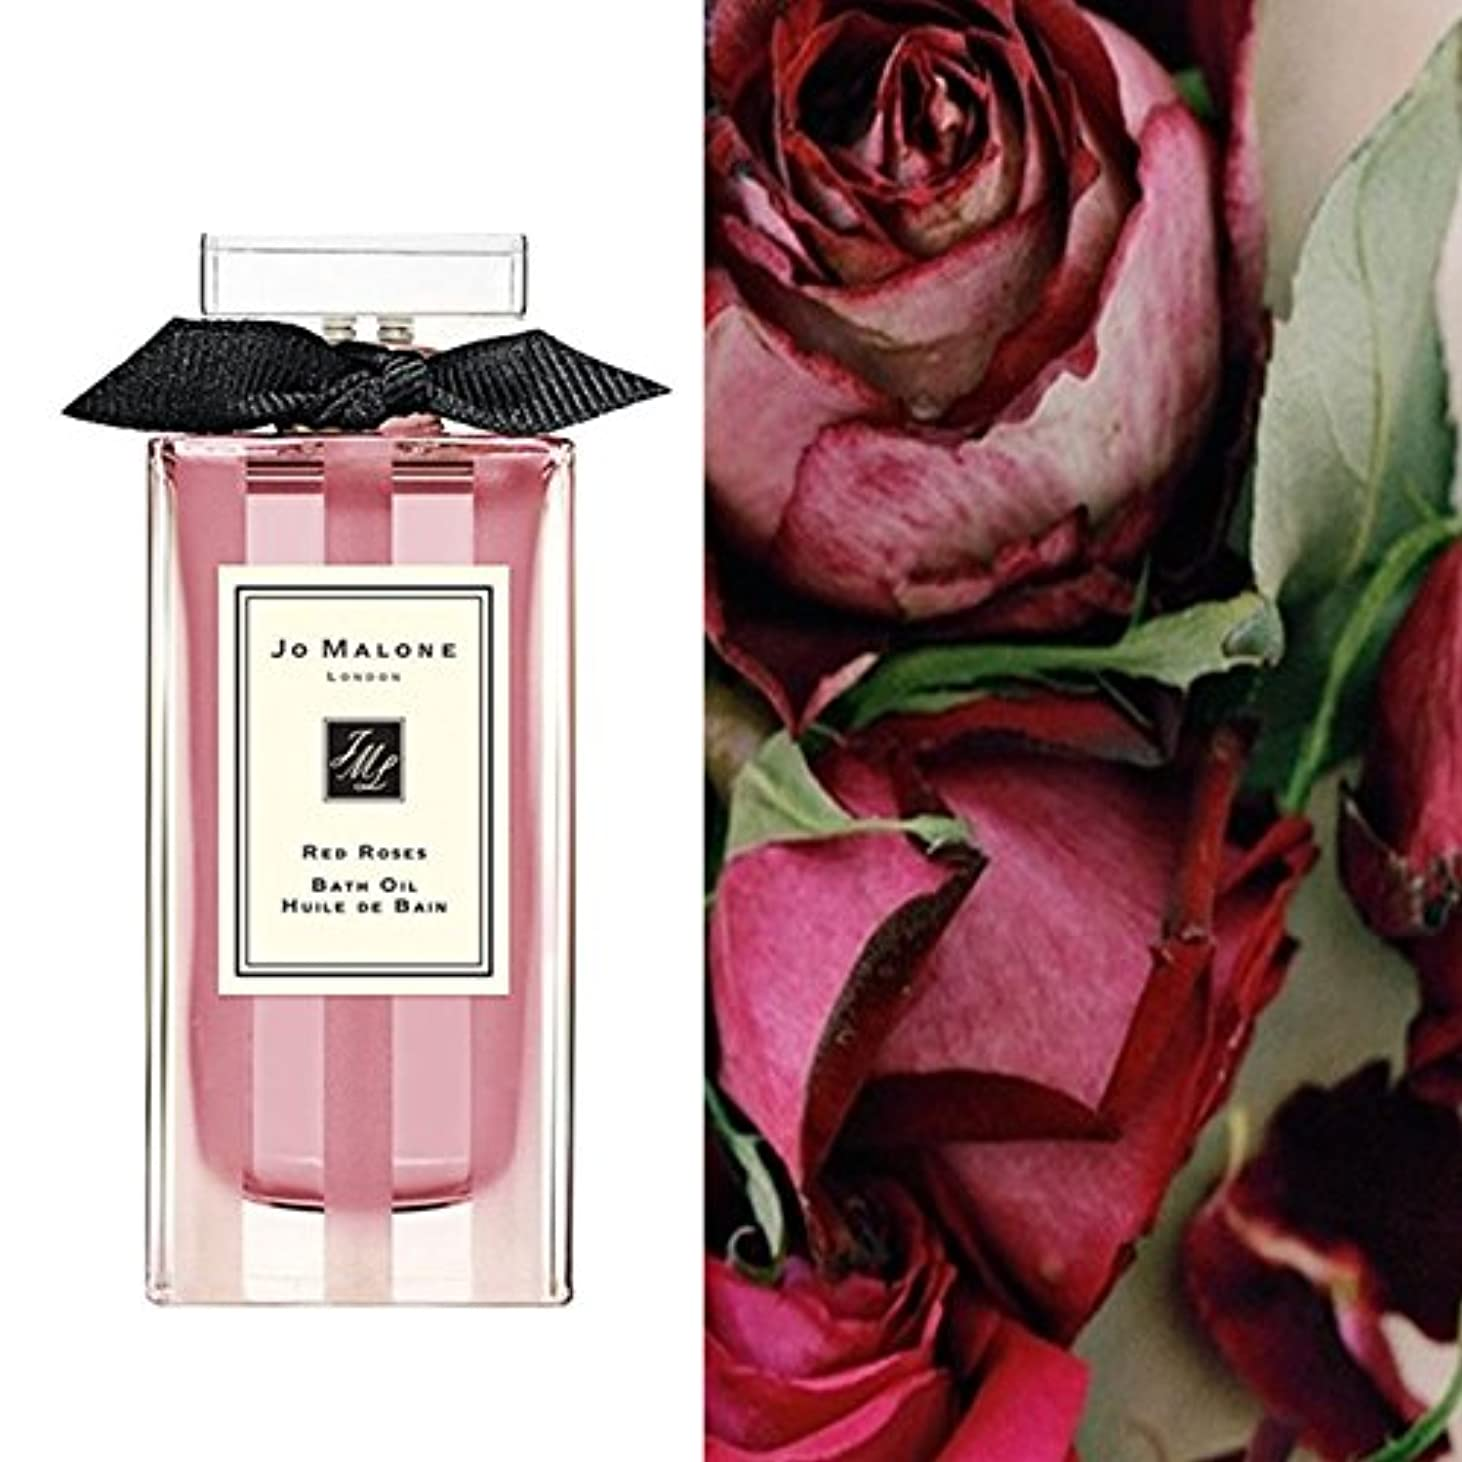 伝説倍率知的Jo Maloneジョーマローン, バスオイル - 赤いバラ (30ml) 'Red Roses' Bath Oil (1oz) [海外直送品] [並行輸入品]